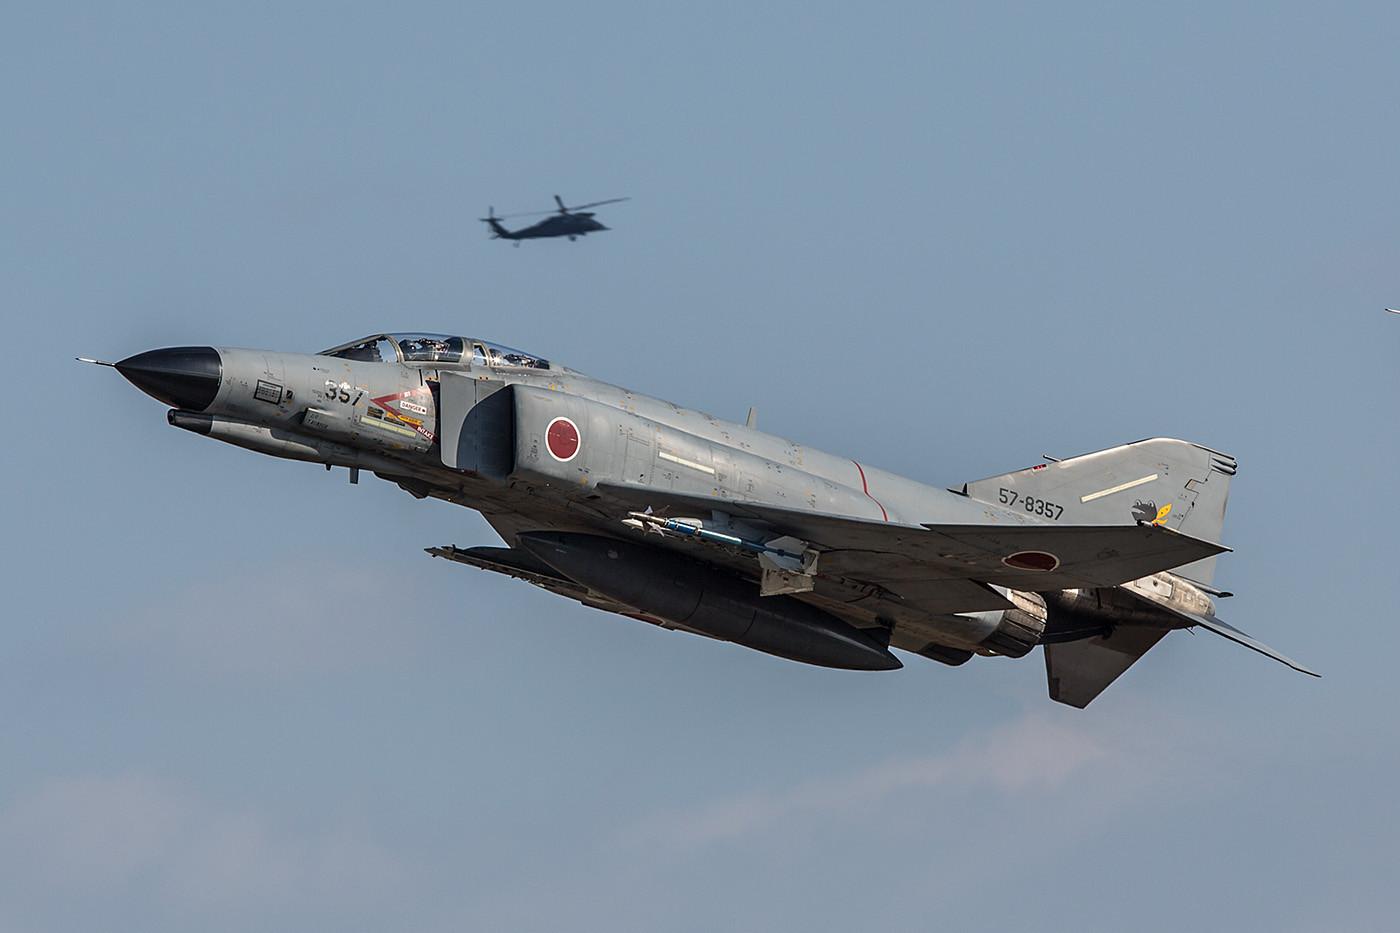 """Im ADTW fliegen ebenfalls noch einige F-4, dort sogar noch welche die nicht auf den Standard """"Kai"""" gebracht wurden."""